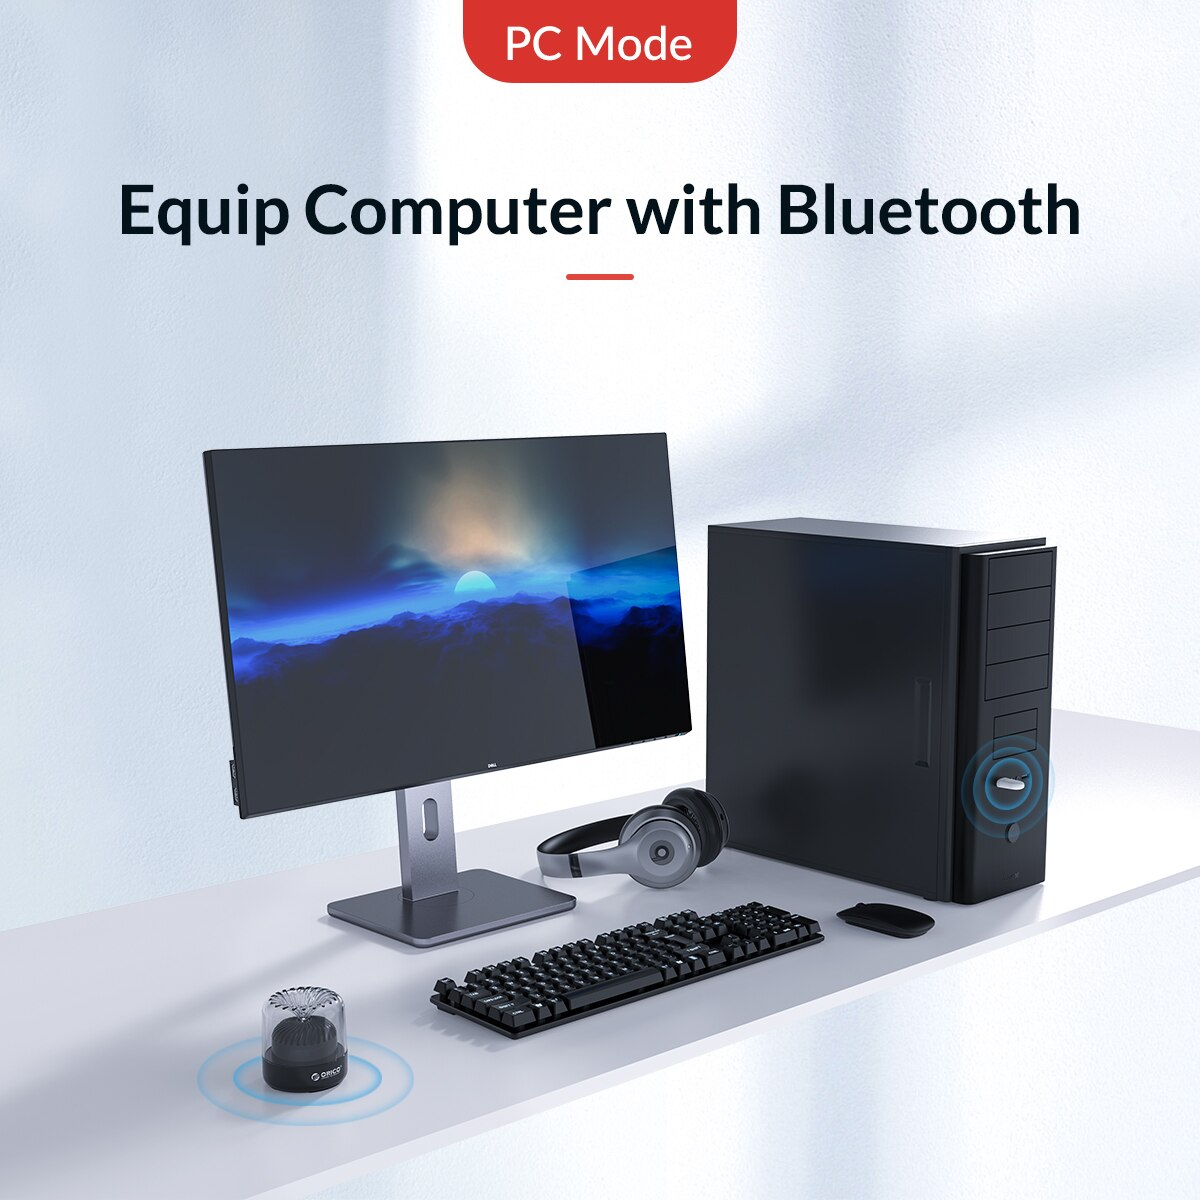 [ORICO] Bộ chuyển đổi âm thanh USB Bluetooth 5.0 cho máy tính Nintendo Switch PS4 PC Máy tính xách tay Chế độ TV Hỗ trợ kết nối kép cho PC Hỗ trợ máy tính kết nối Bluetooth(BTA-SW01)